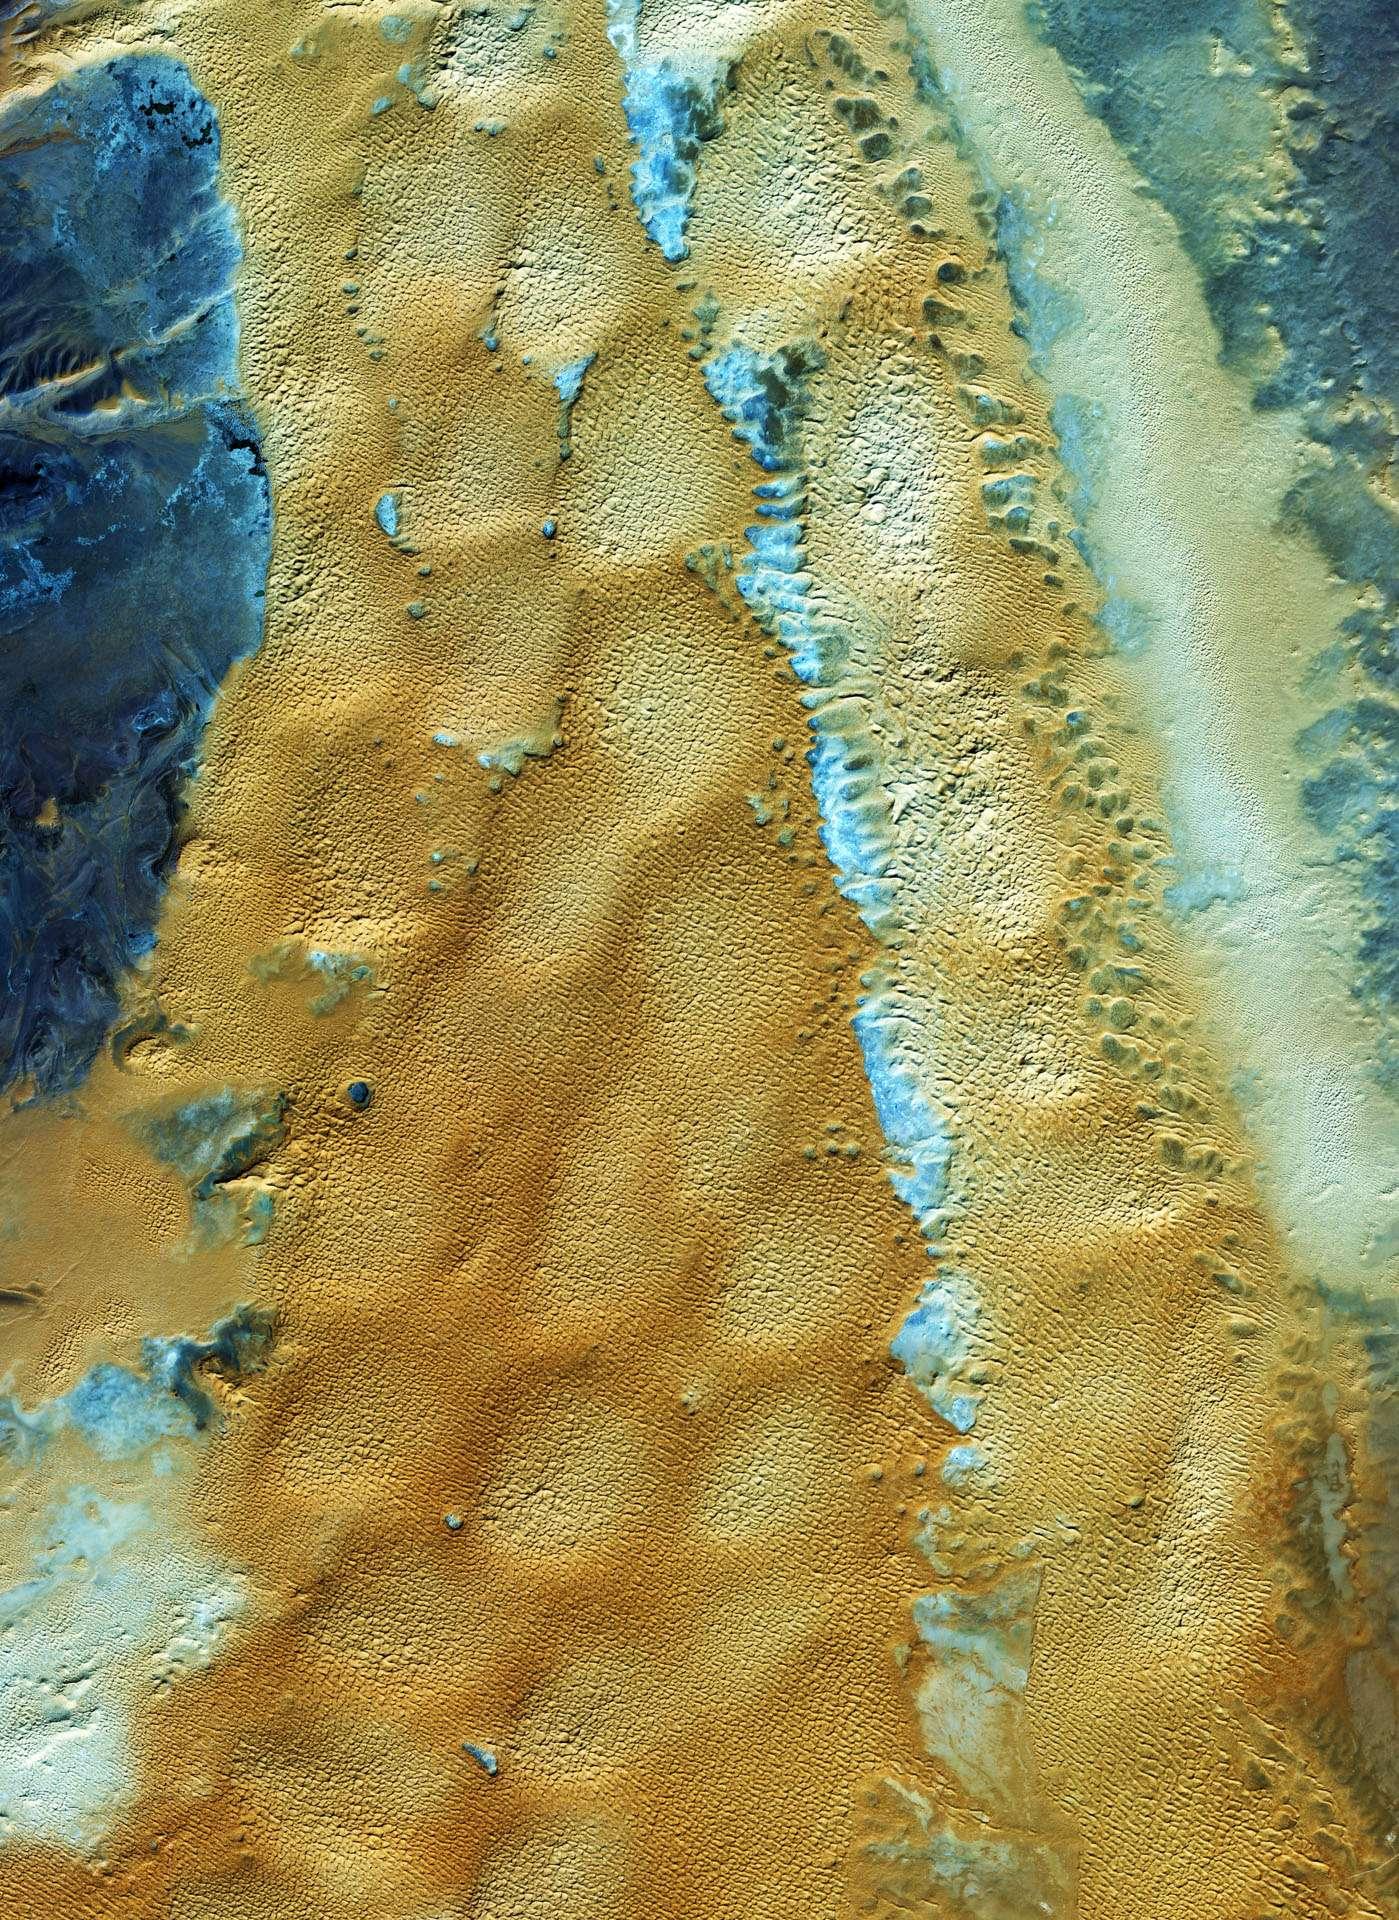 Cette image des sables algériens a été prise le 23 avril 2008 par le satellite commercial Ikonos 2 avec une résolution au sol de 4 mètres. © Eusi